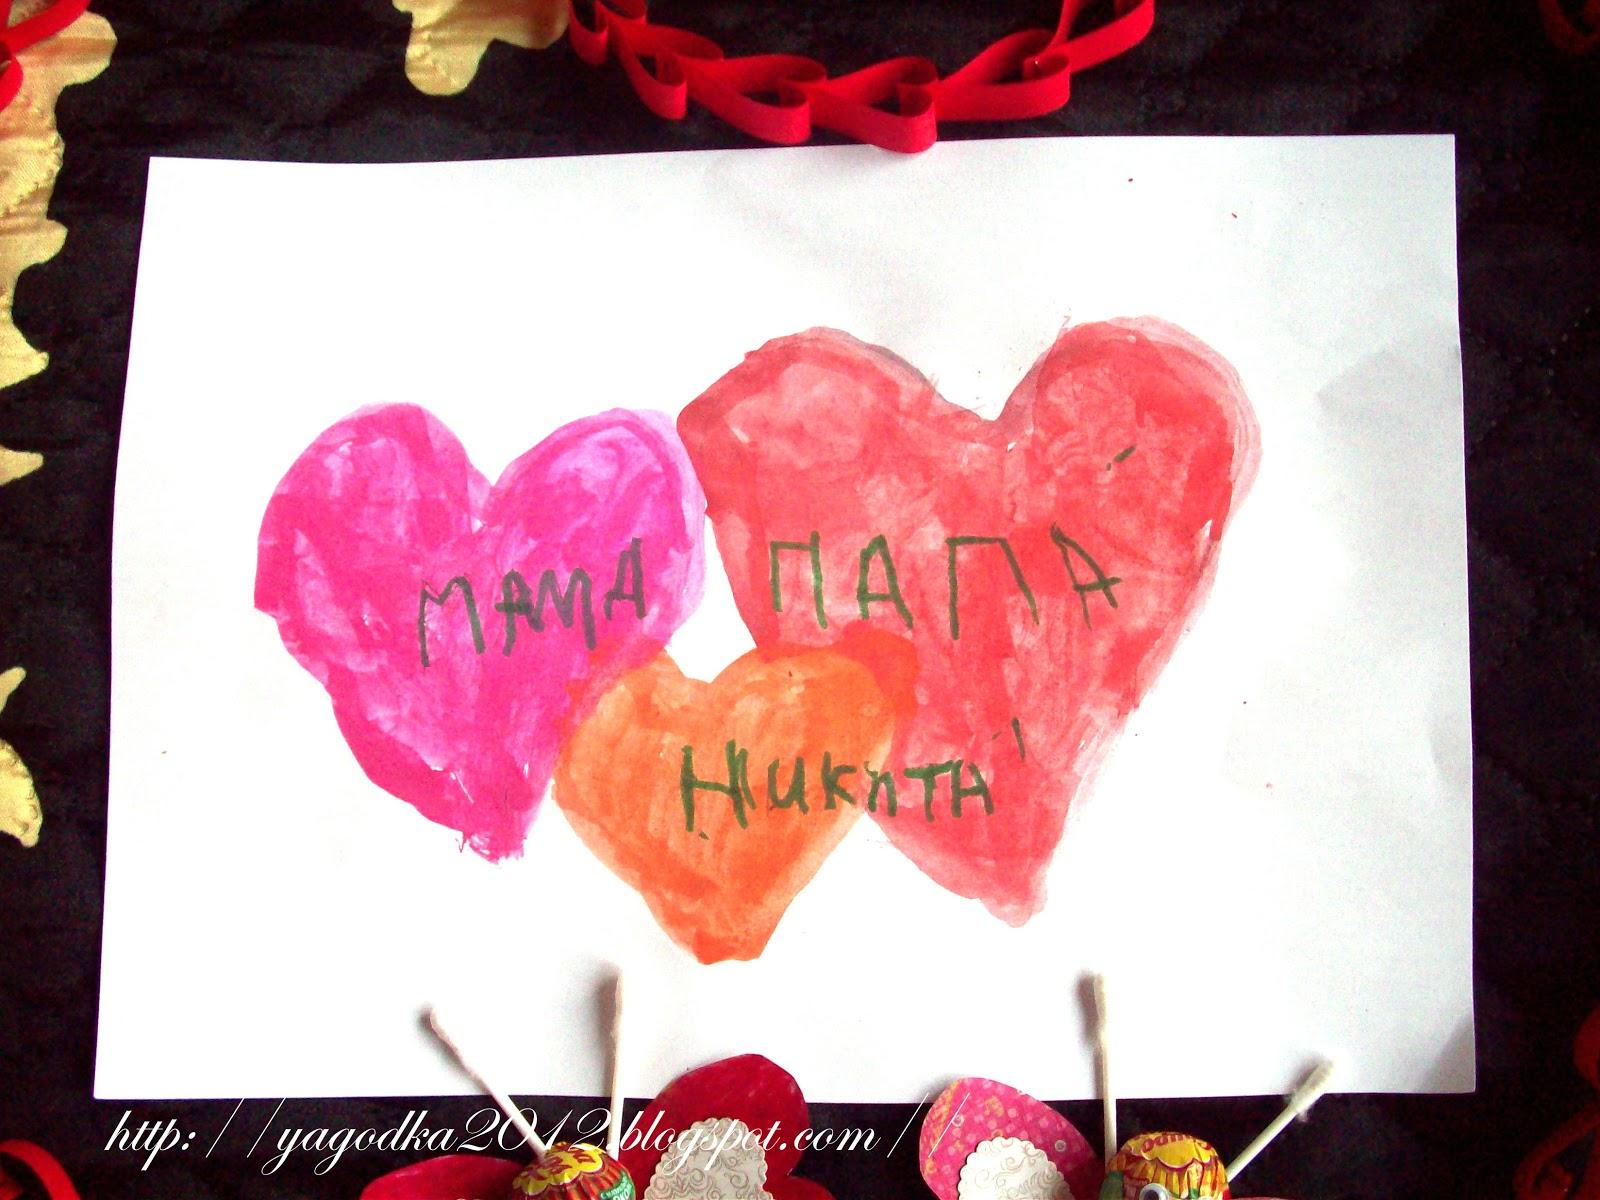 10 самодельных подарков на День святого Валентина - Лайфхакер